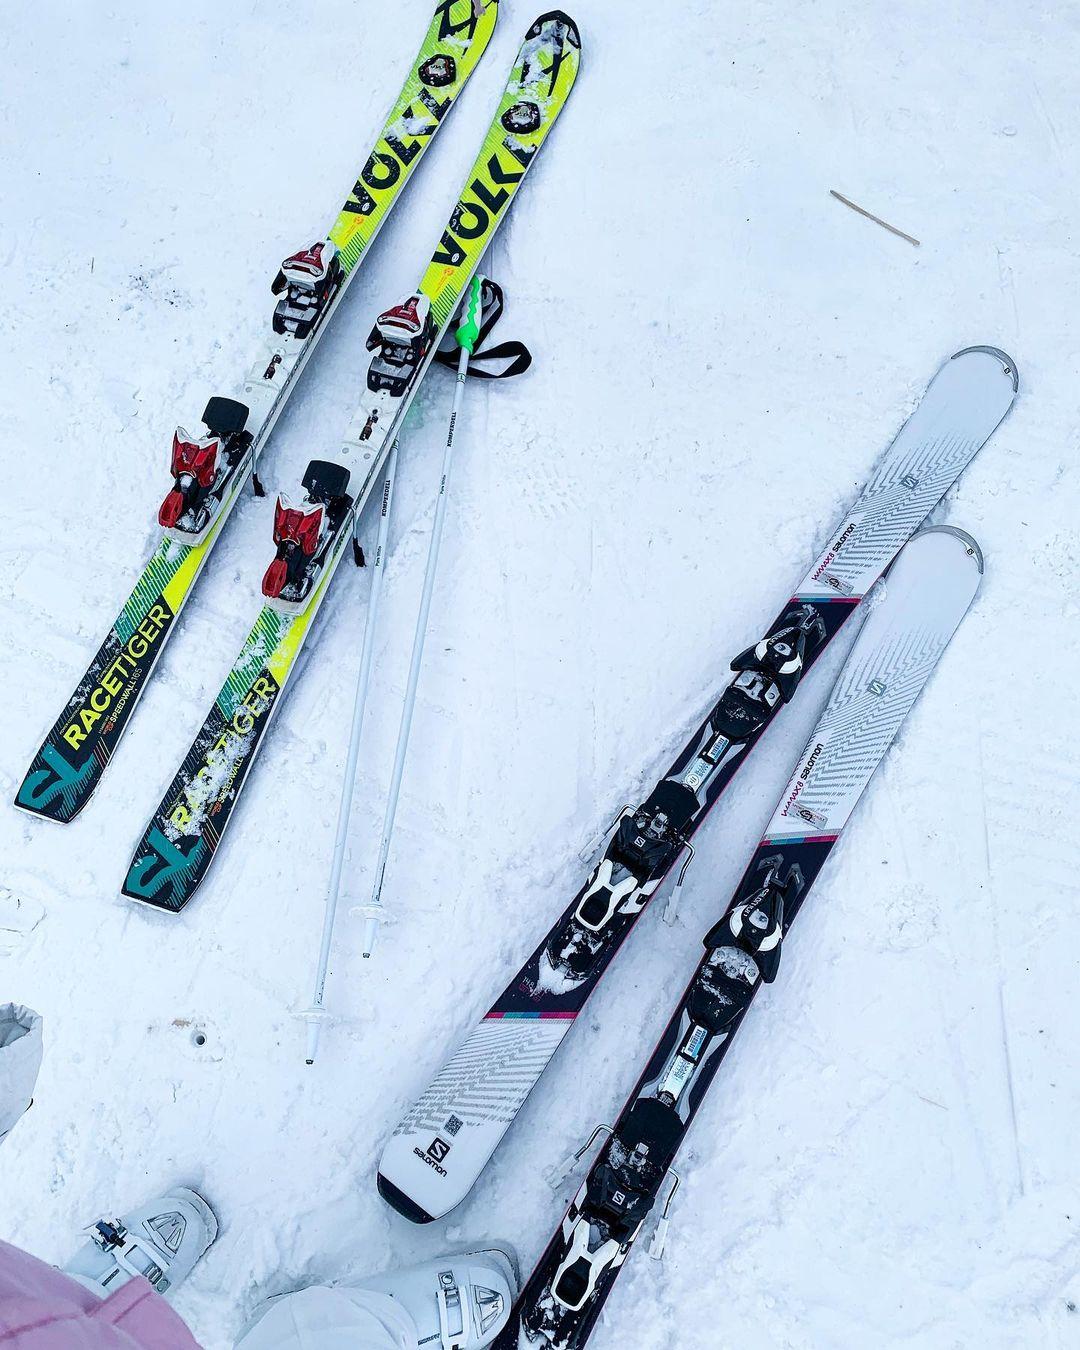 sewa peralatan ski salju zermatt swiss